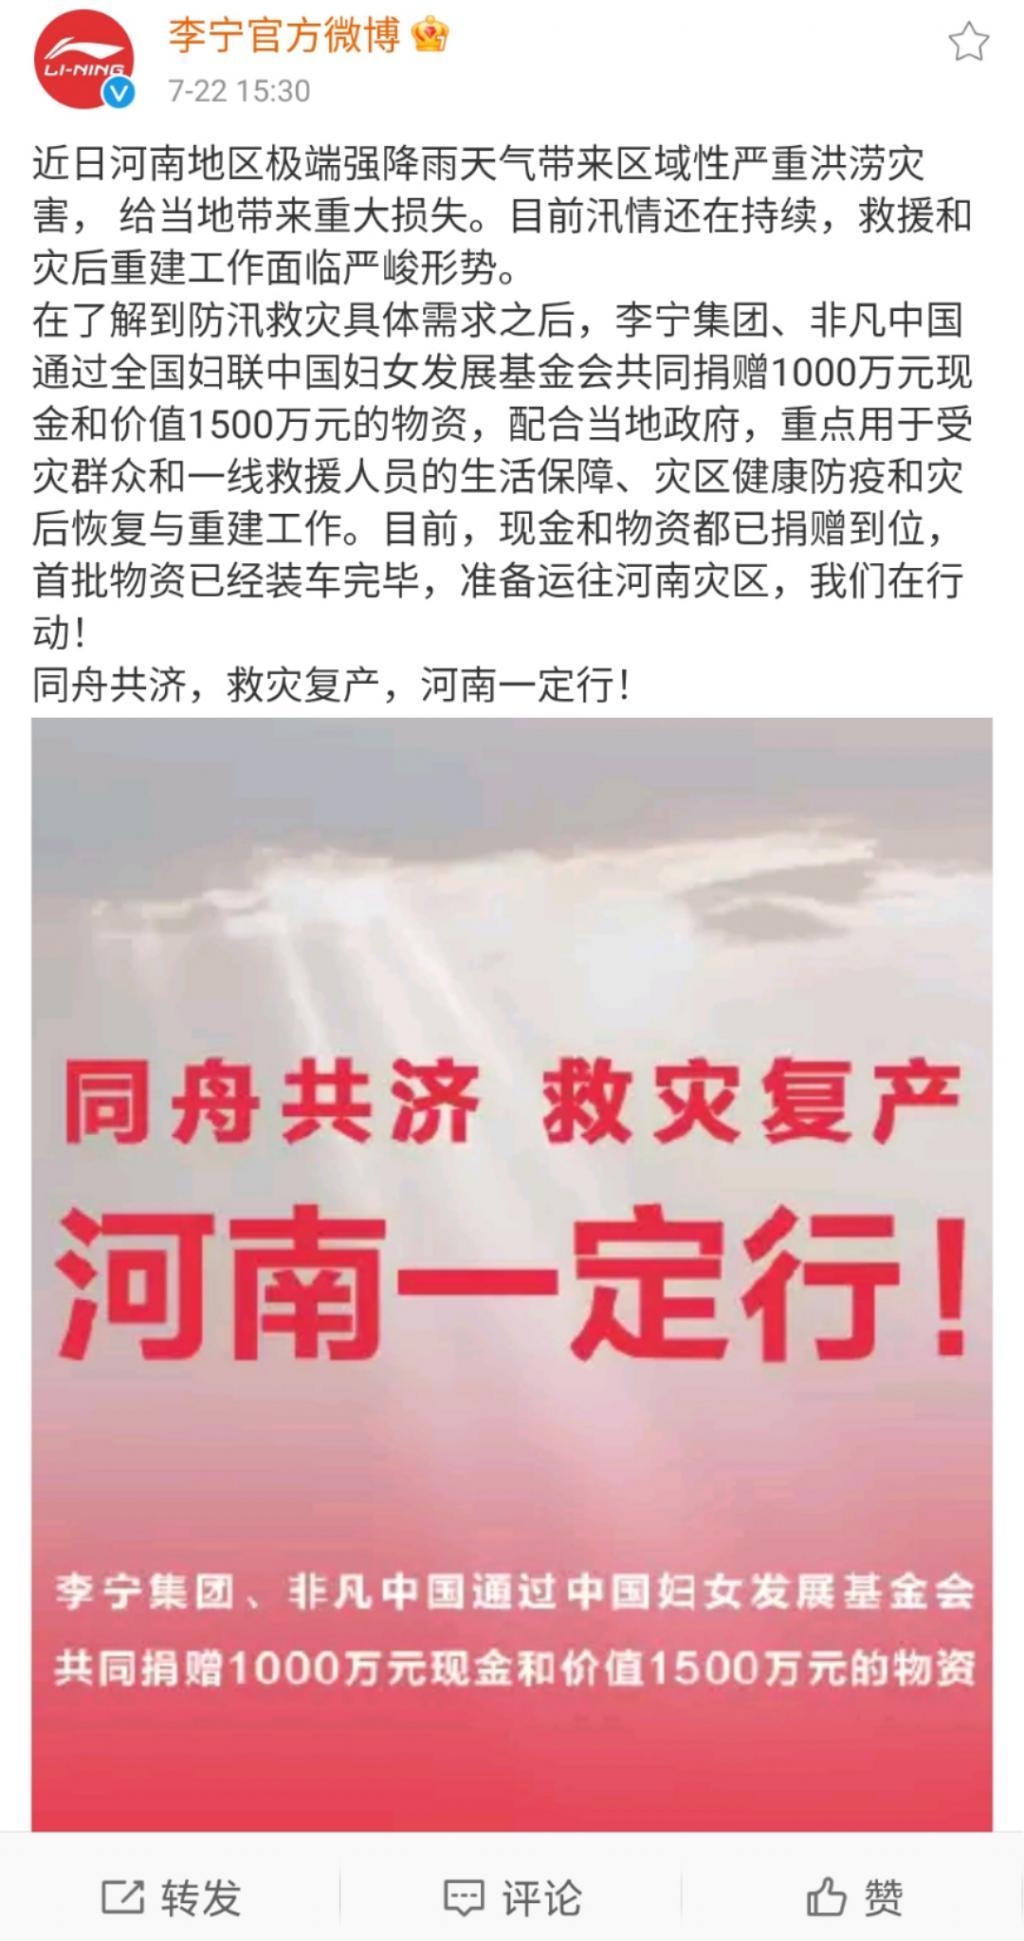 河南暴雨下的捐款众生相:捐或不捐都要被骂